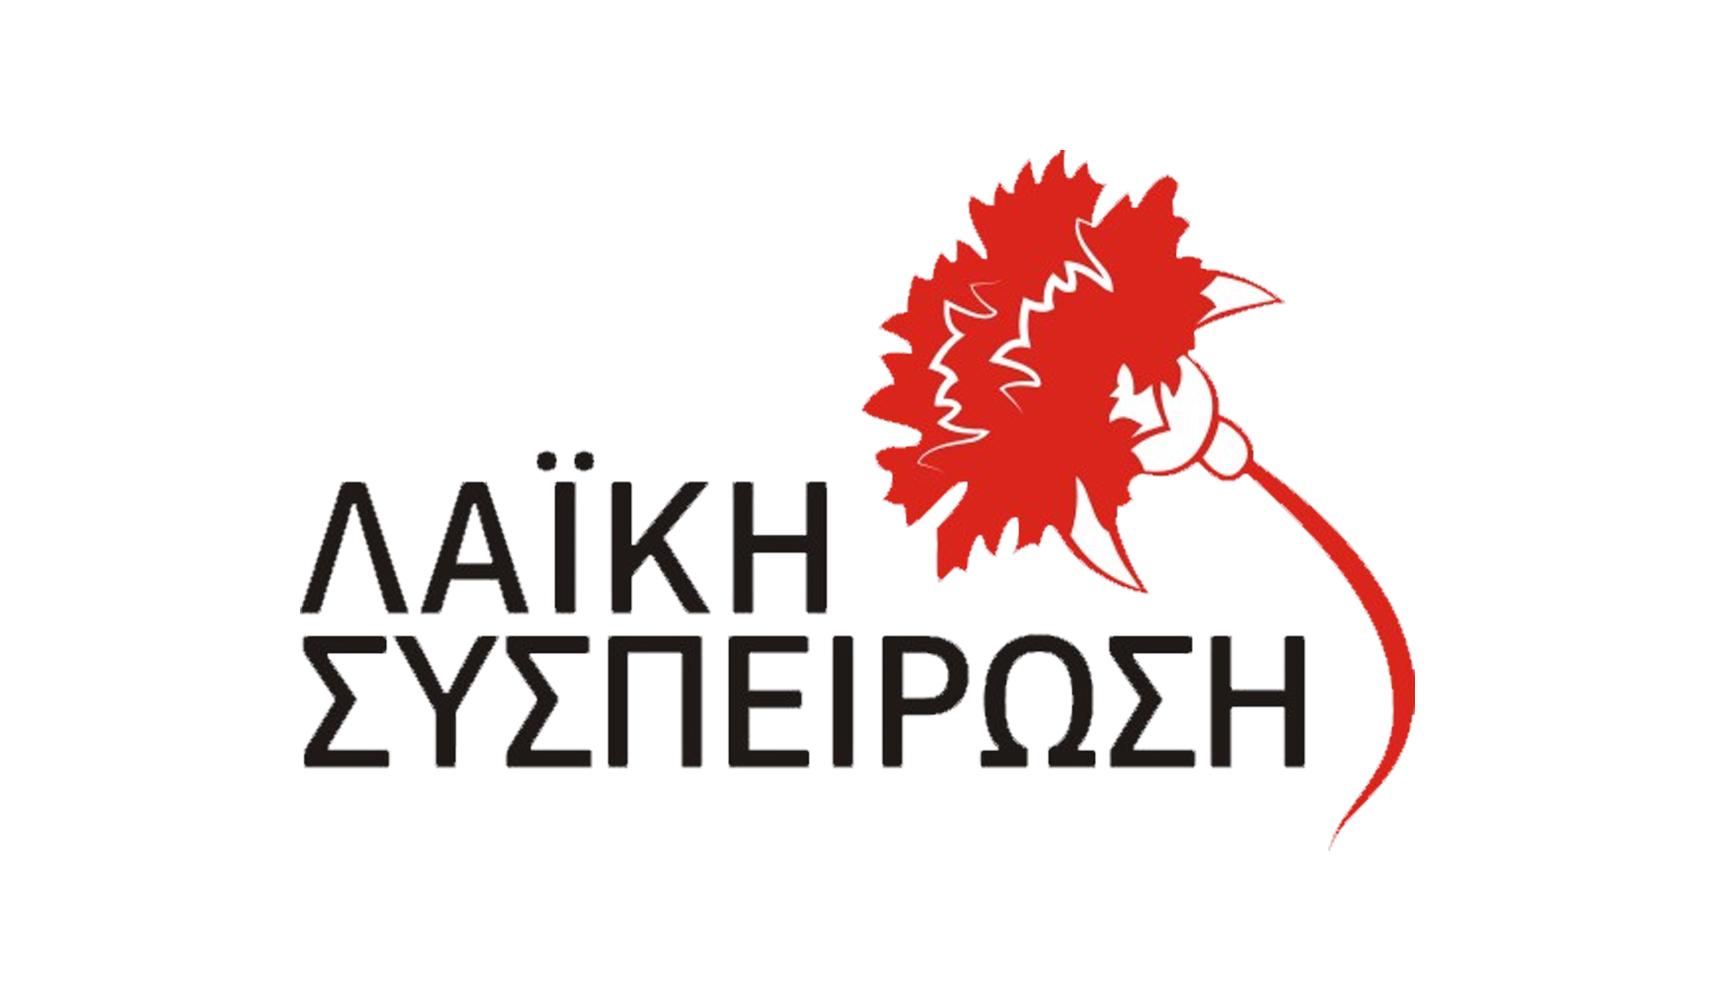 laikh-syspeirwsh